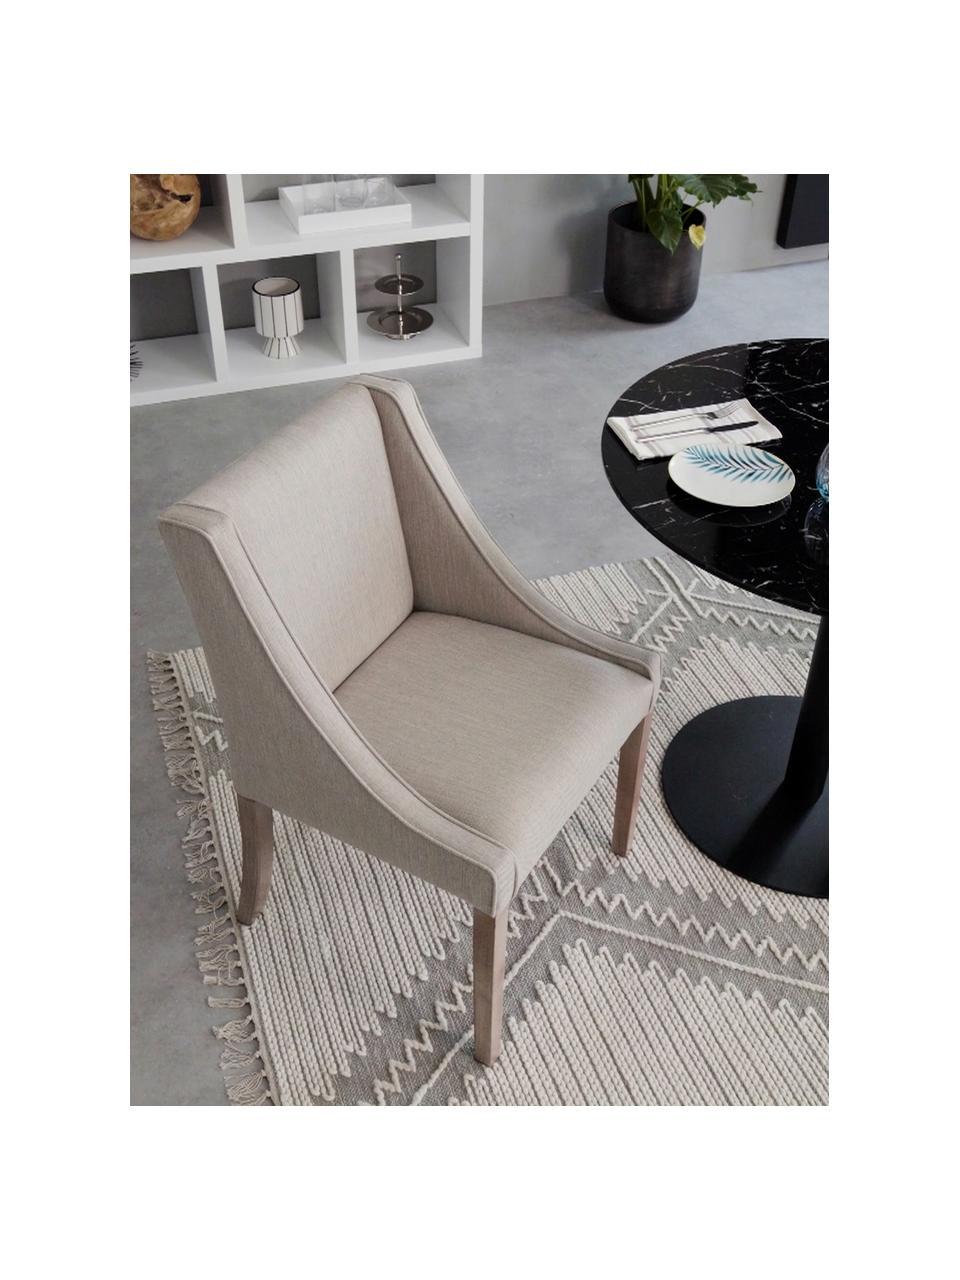 Gestoffeerde stoel Savannah, Bekleding: polyester, Poten: gelakt massief beukenhout, Geweven stof beige. Poten beukenhoutkleurig, B 60 x D 60 cm